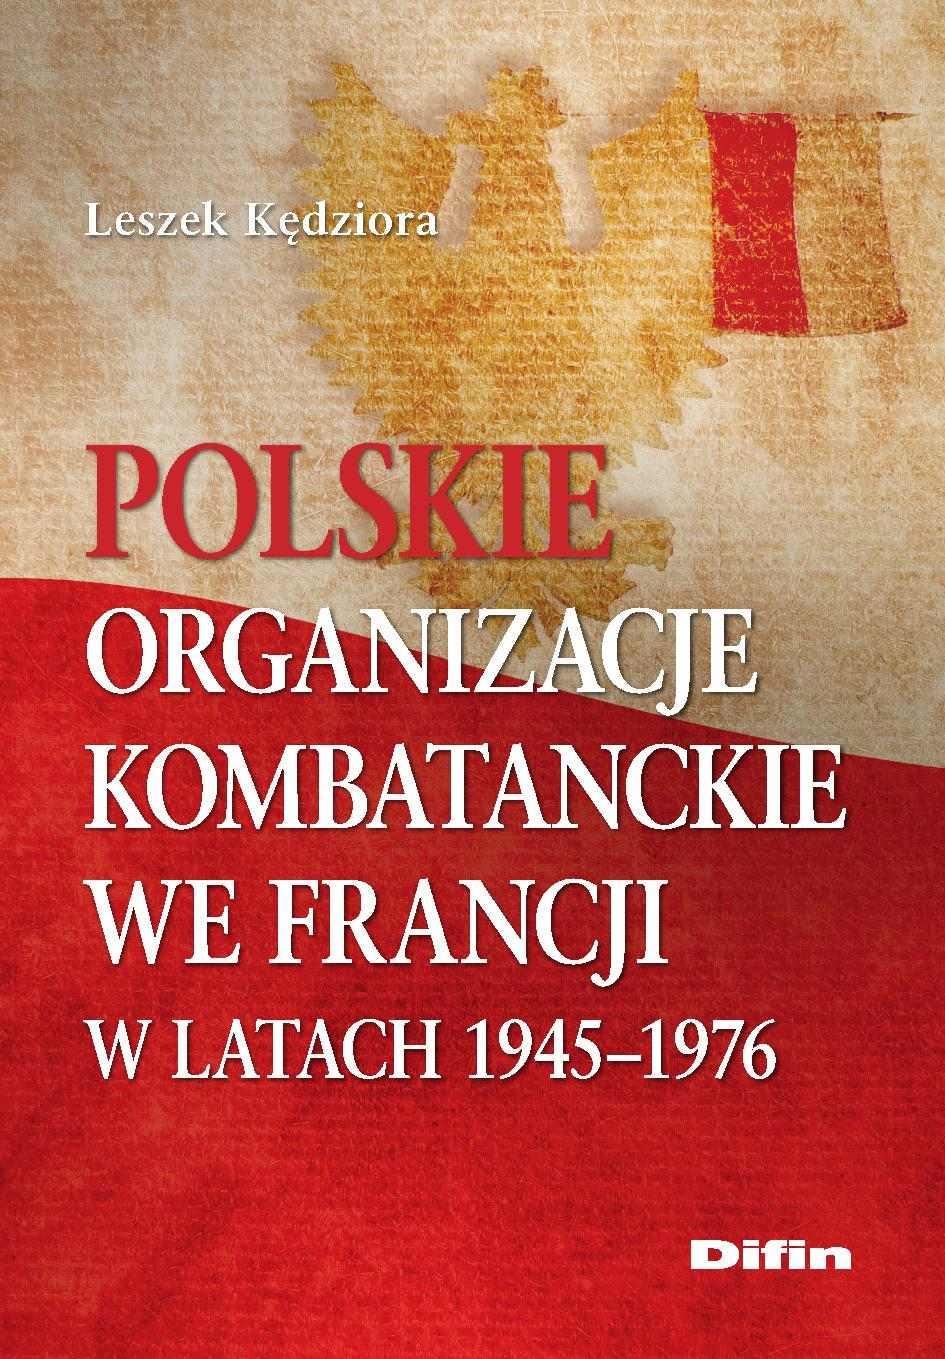 Polskie organizacje kombatanckie we Francji w latach 1945-1976 - Ebook (Książka PDF) do pobrania w formacie PDF